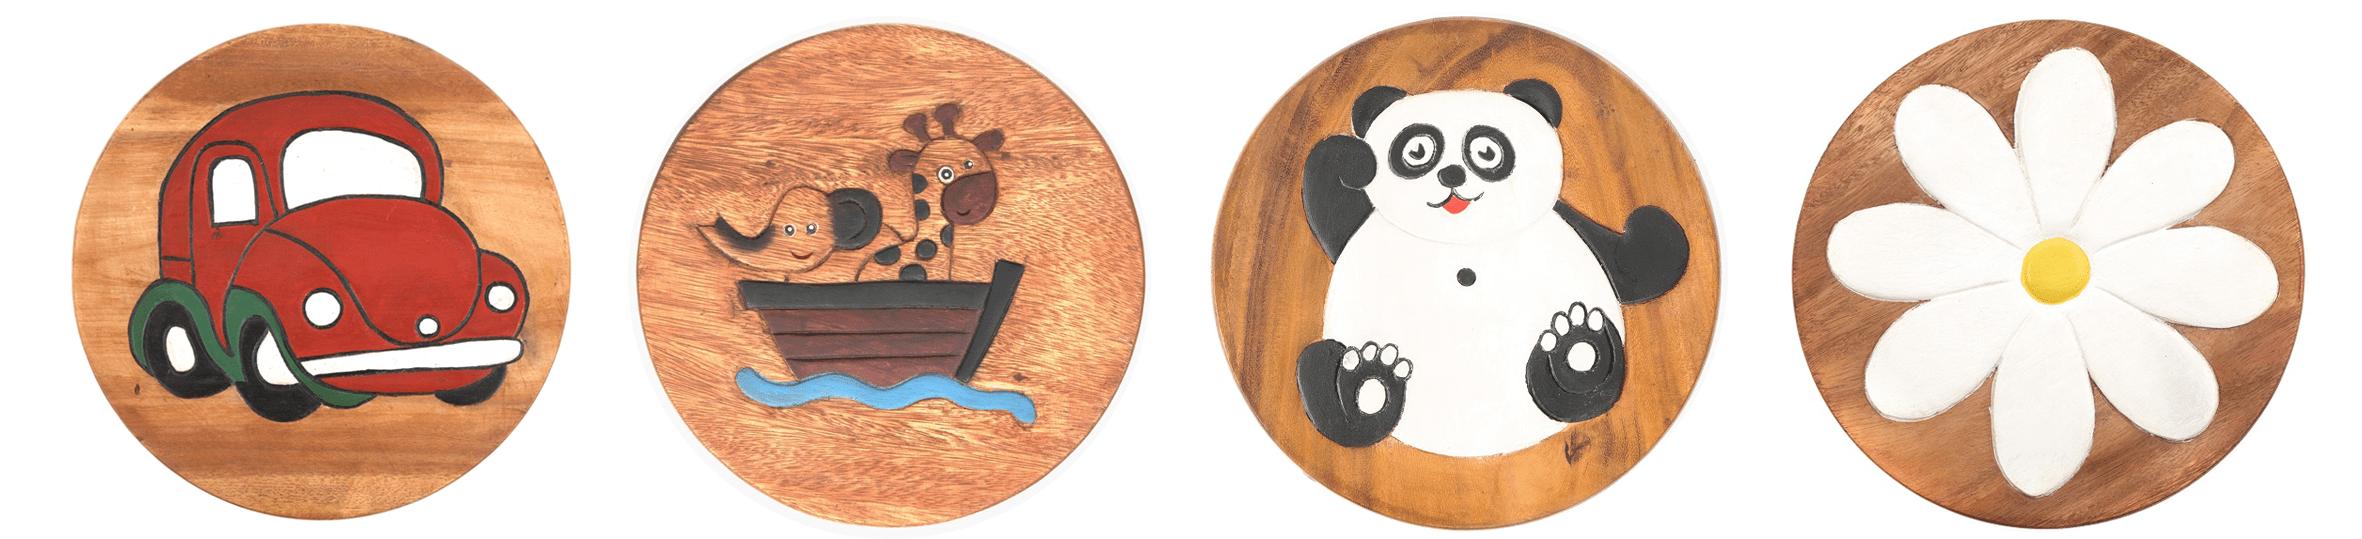 Children's Wooden Stools